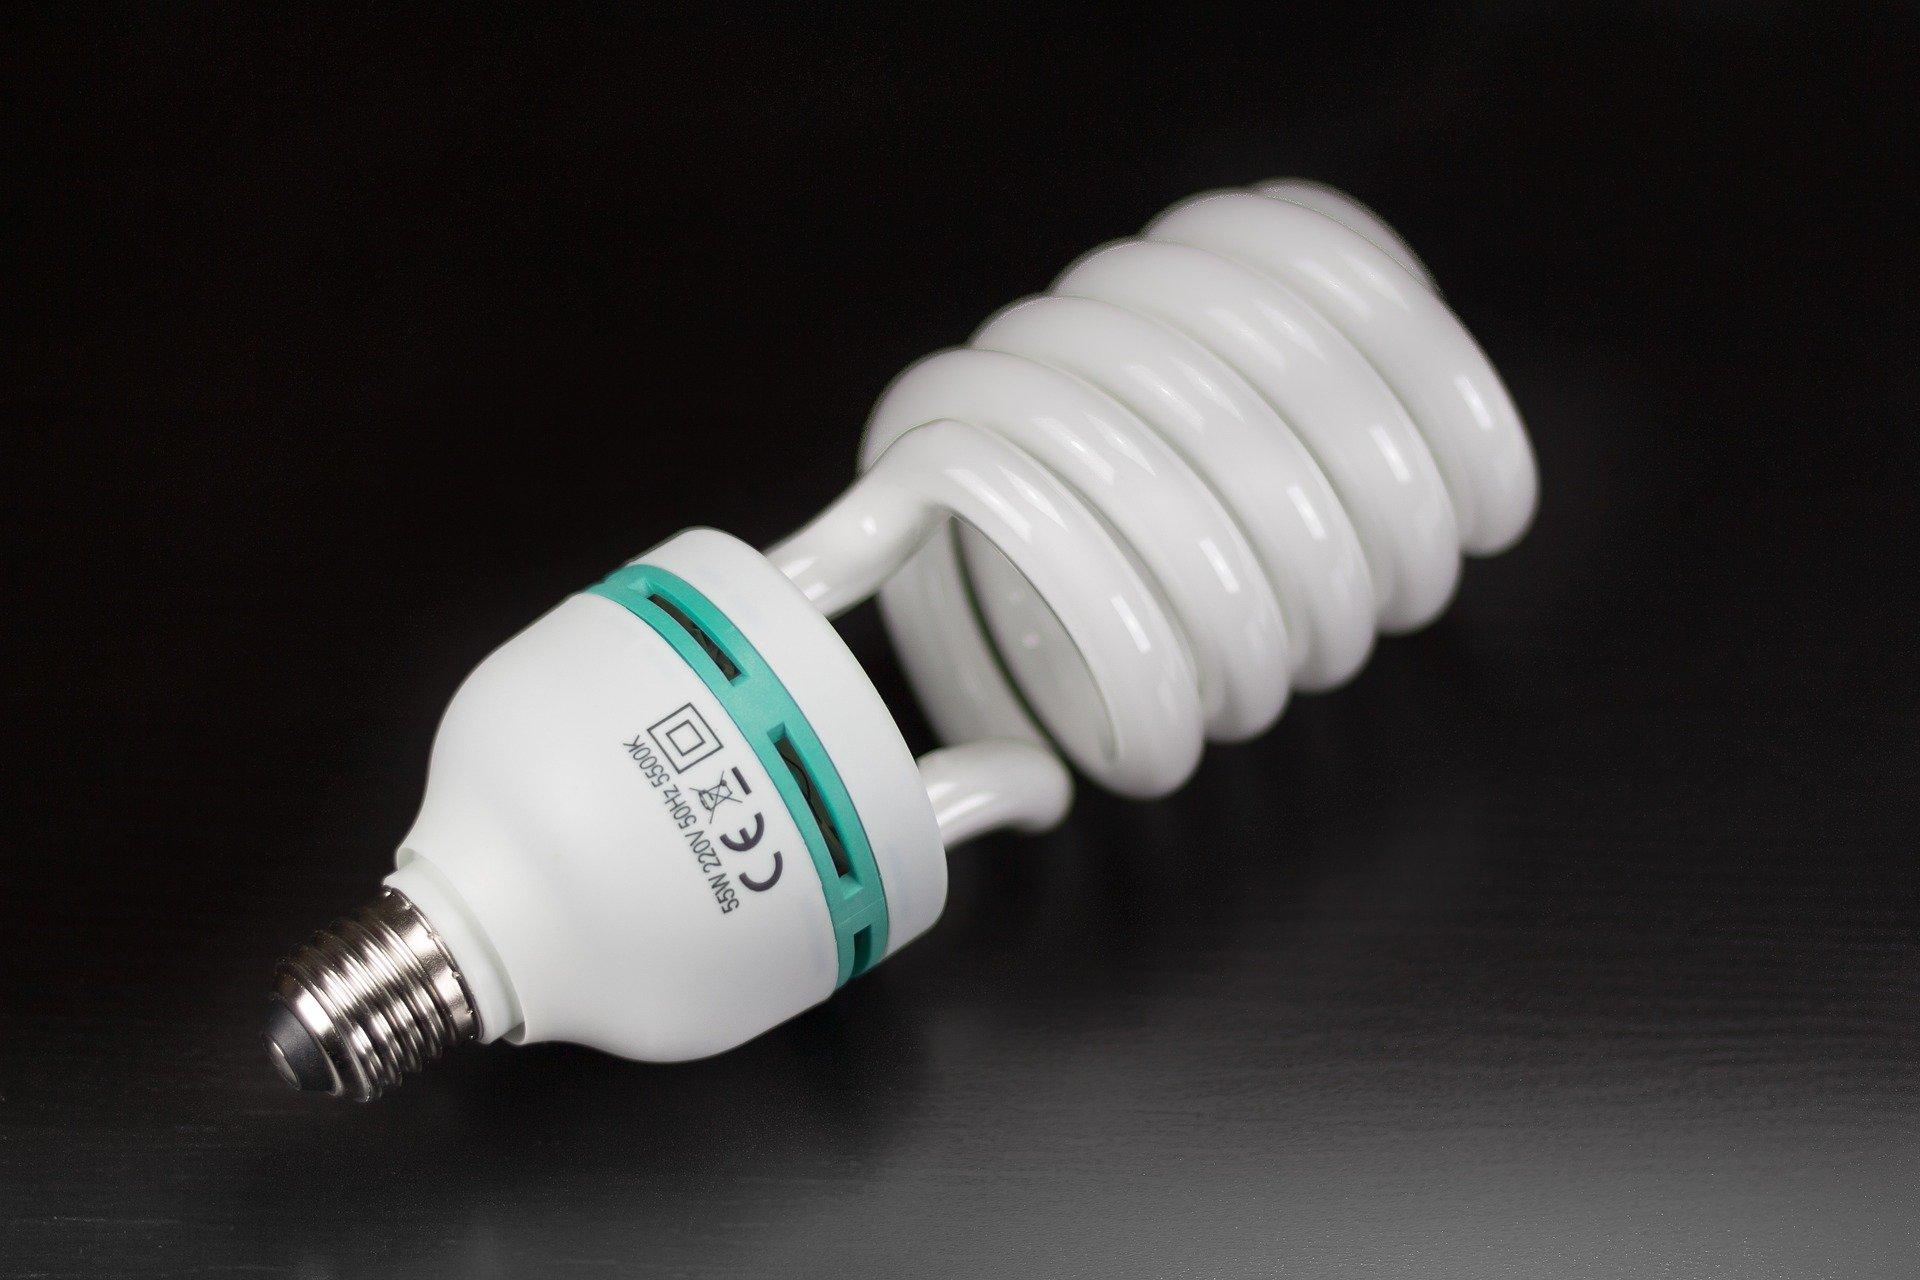 Plafoniere T5 Per Acquari Usate : Lampade fluorescenti in acquario · pagina di top